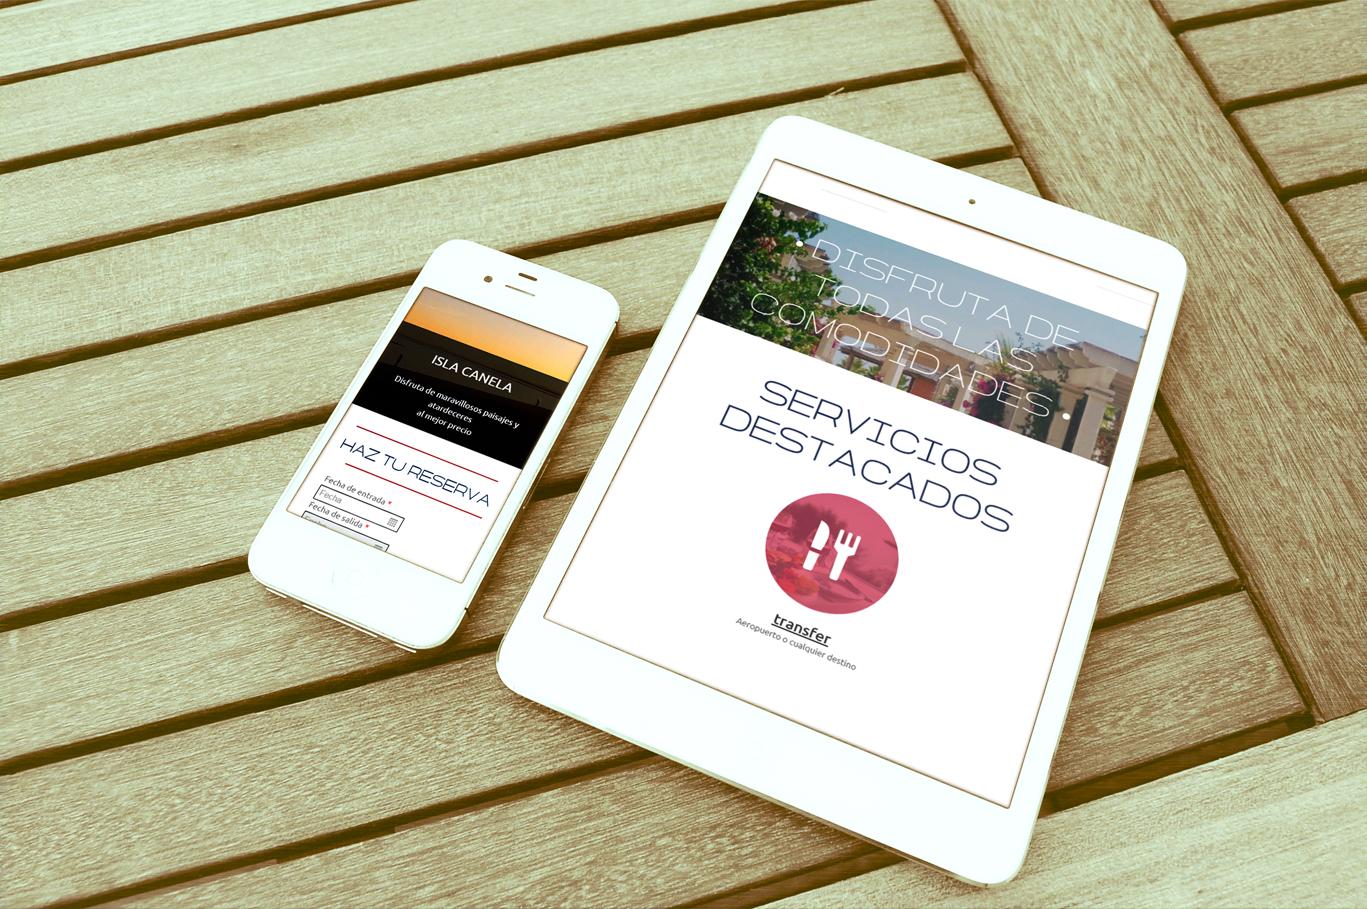 Diseño web, Diseño web Albacete, diseño y programación página web de Diseño web, Diseño web Albacete, página web reponsive, diseño y programación página web de SIT Isla Canela